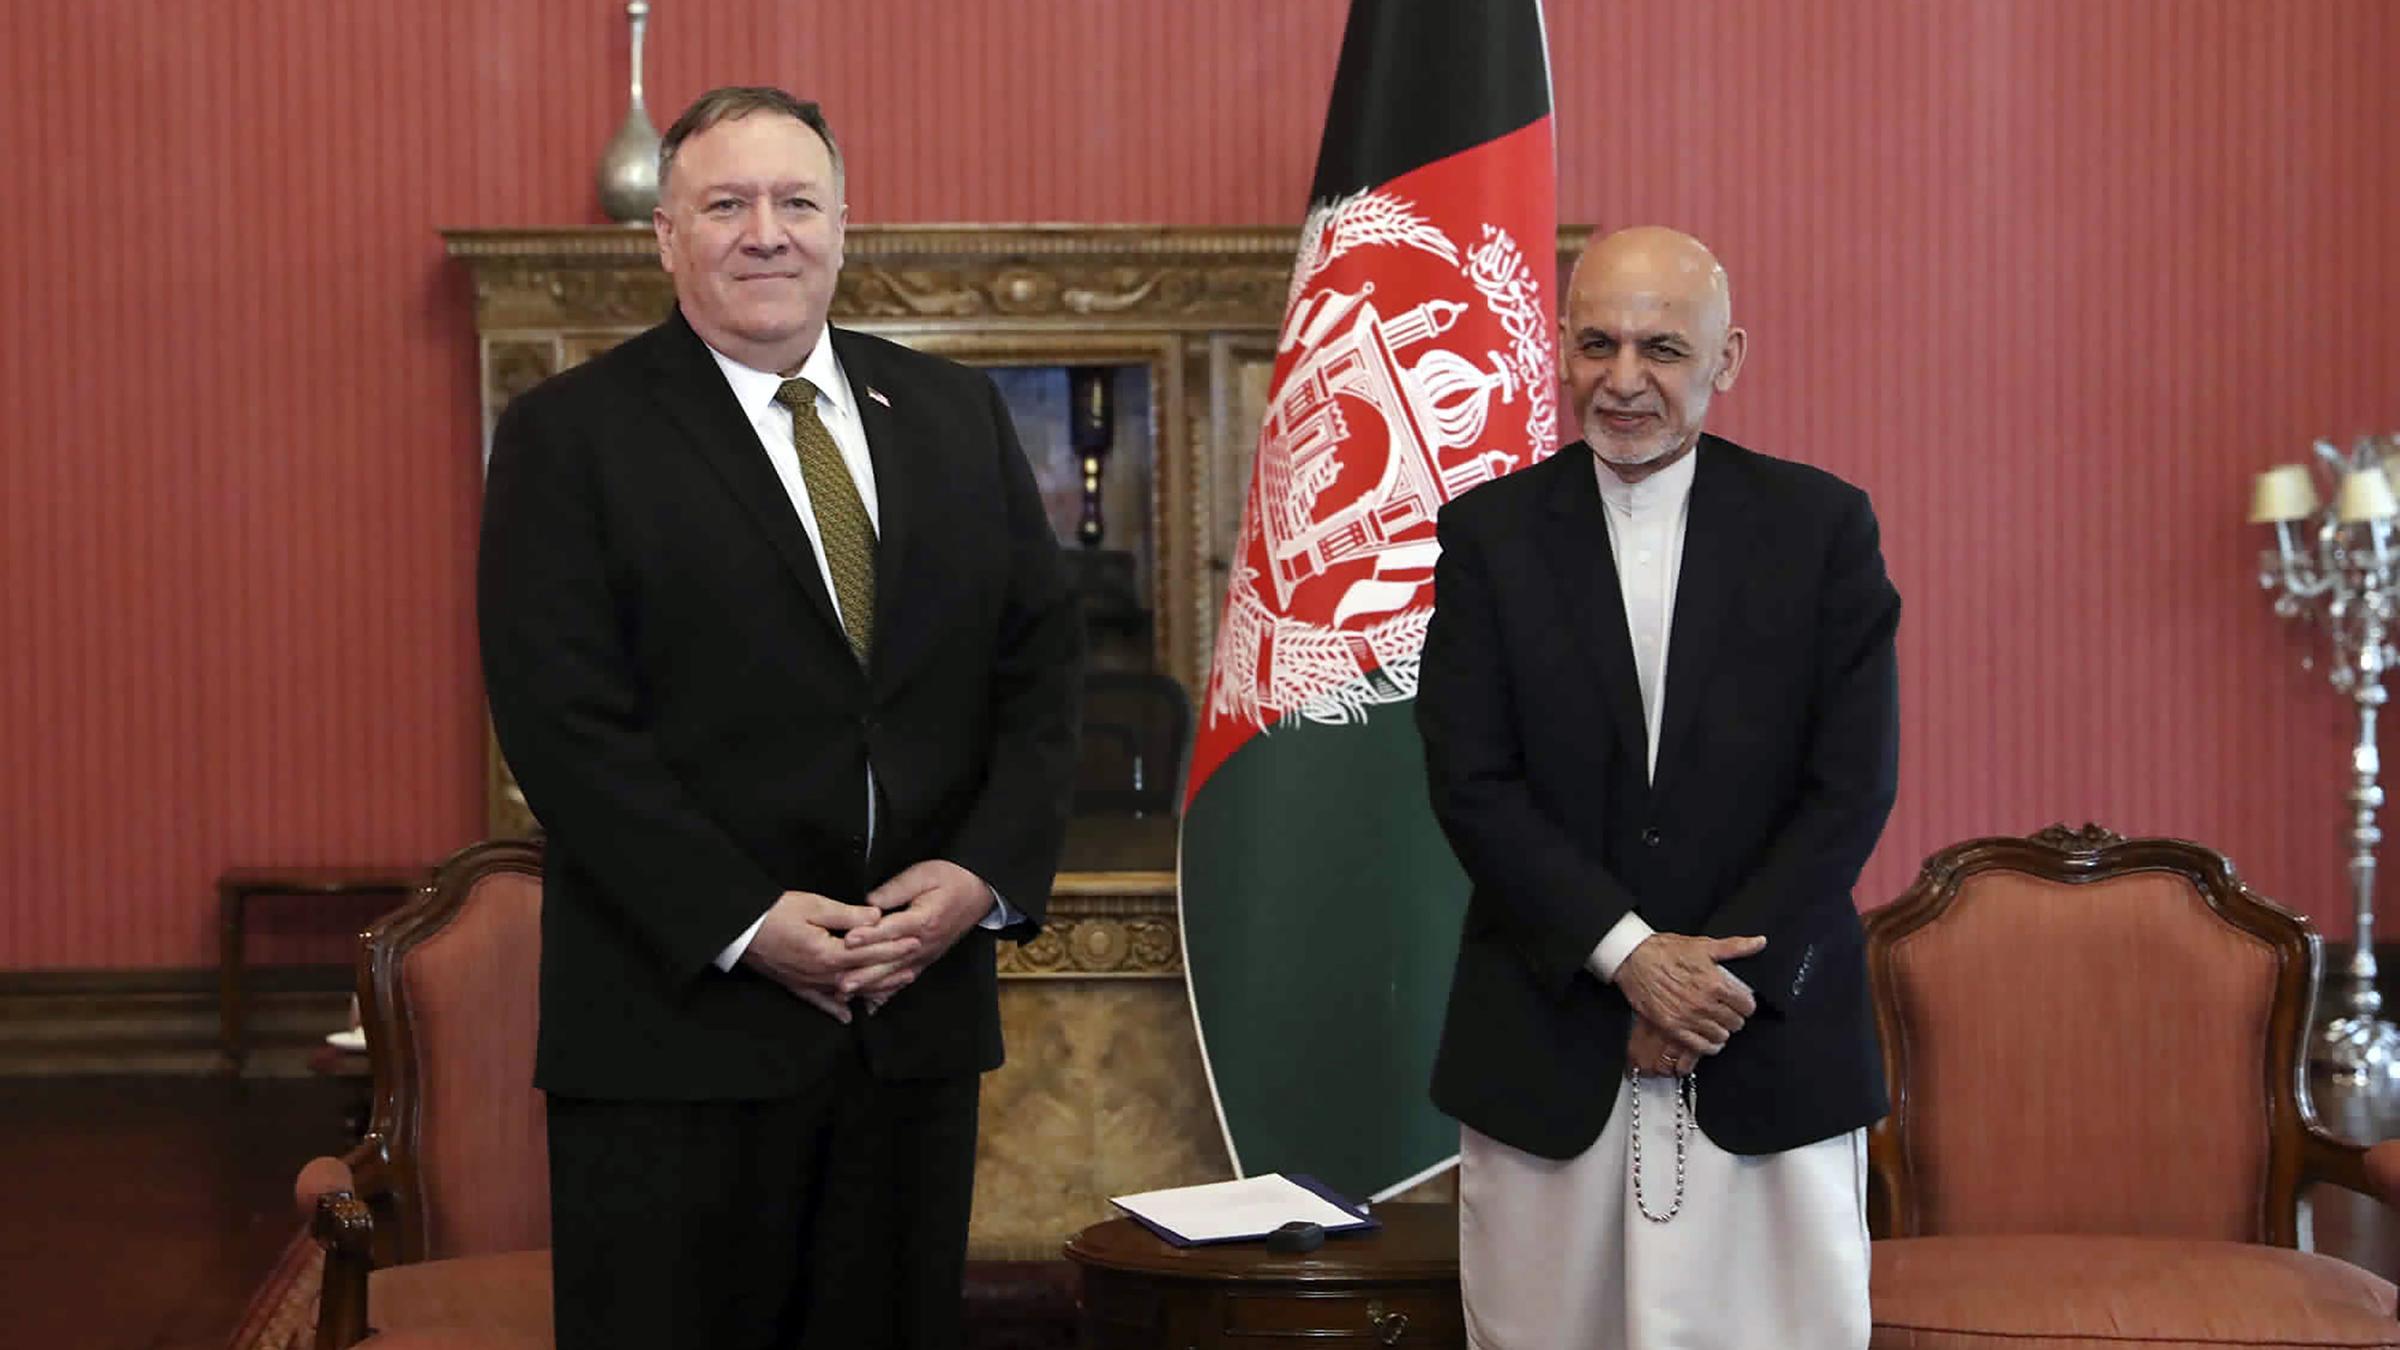 الرئيس الأفغاني ووزير الخارجية الأمريكي يبحثان جهود الحفاظ على السلام